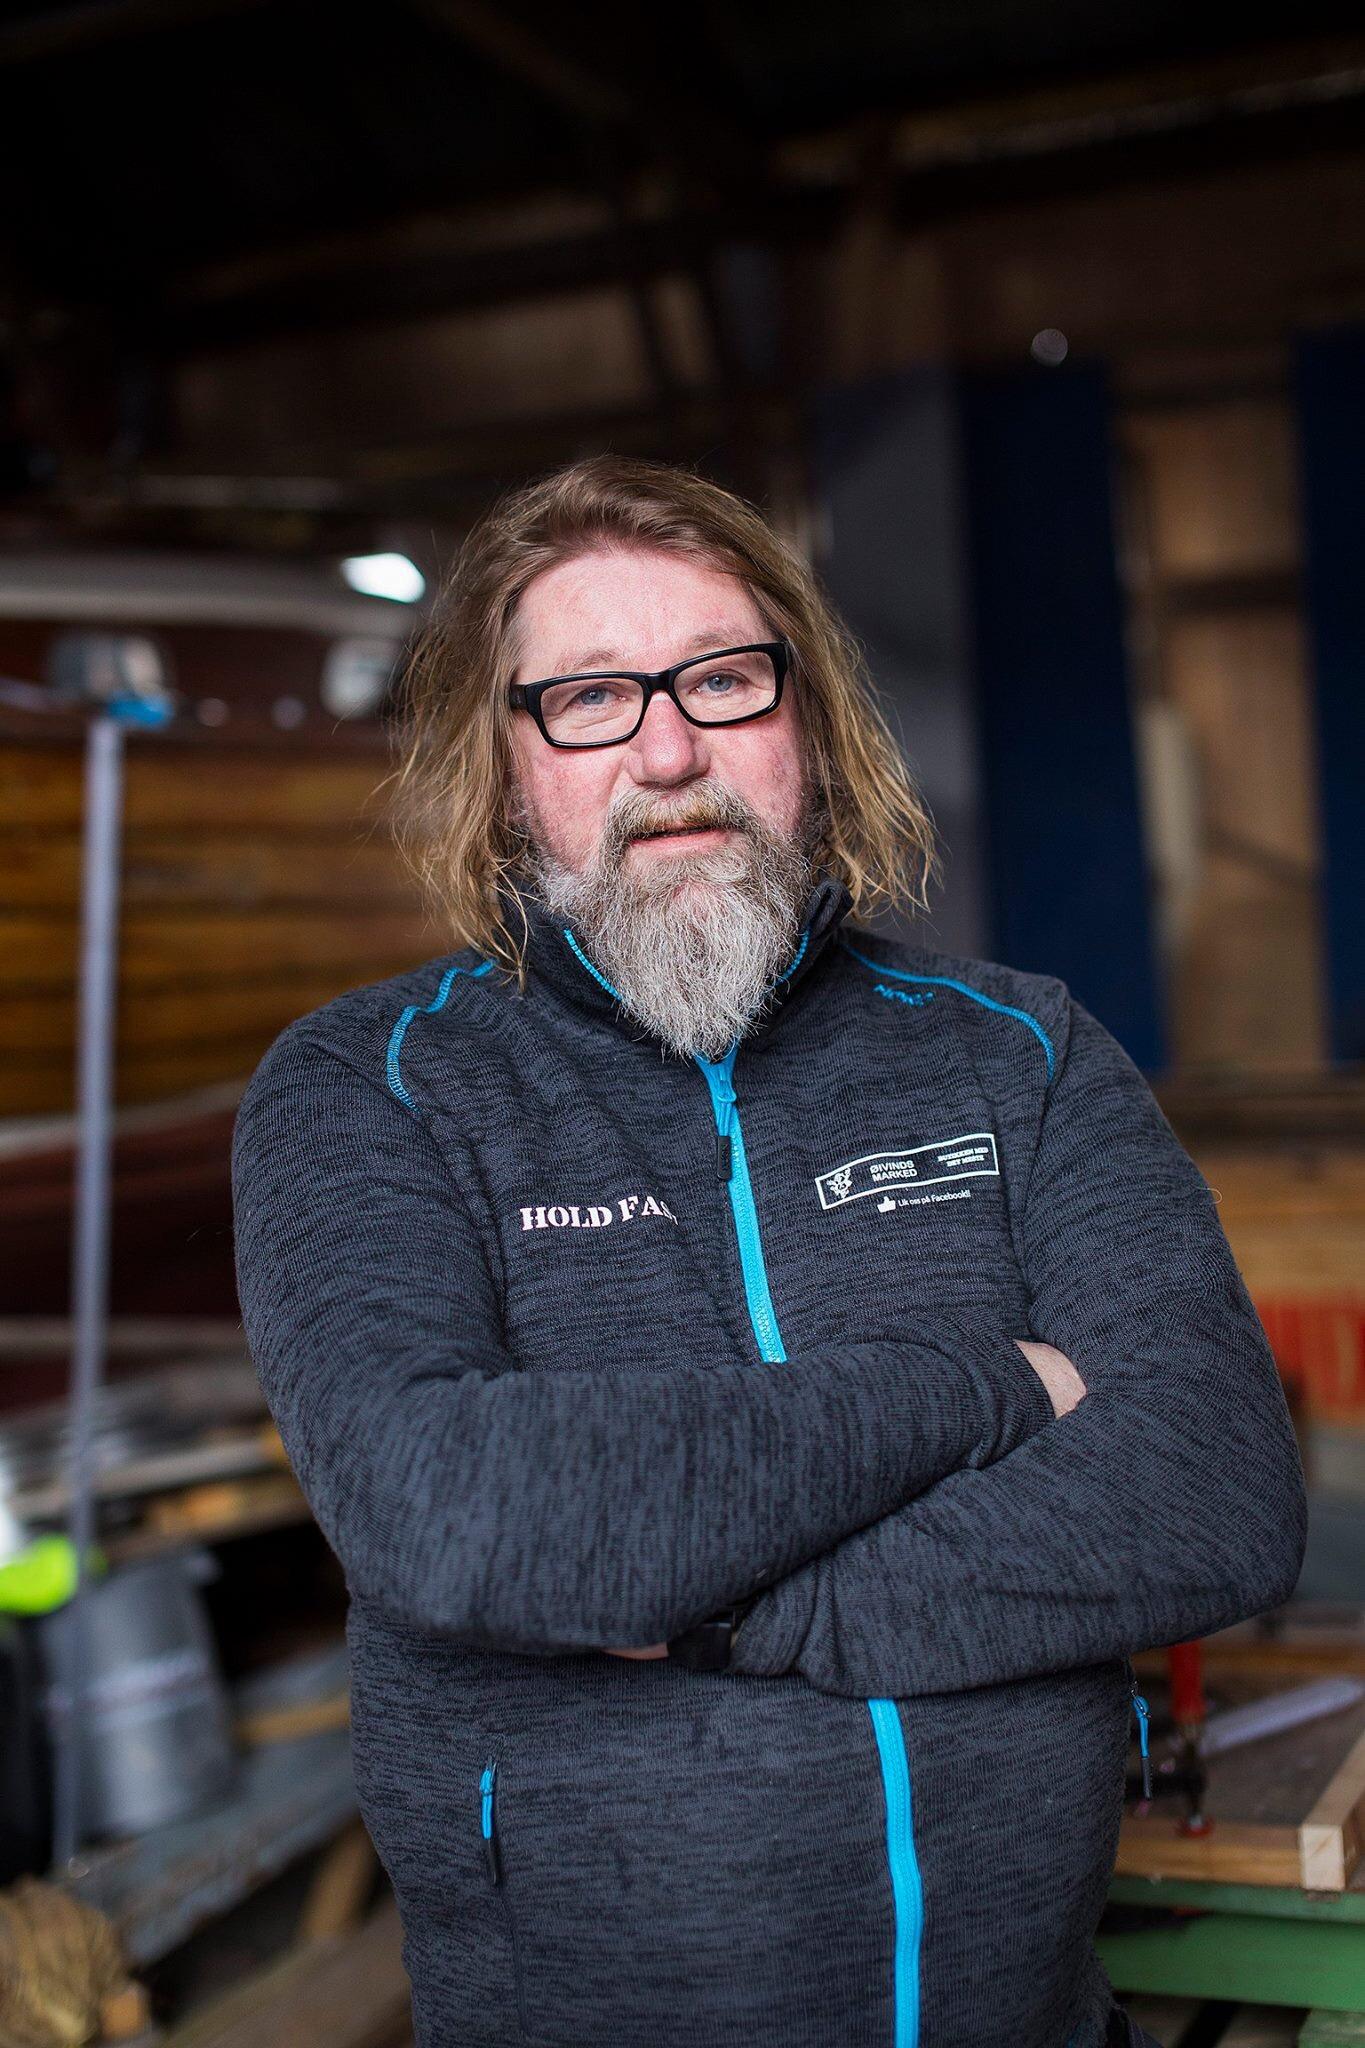 Hold Fast - Rune Supern Olsgaard